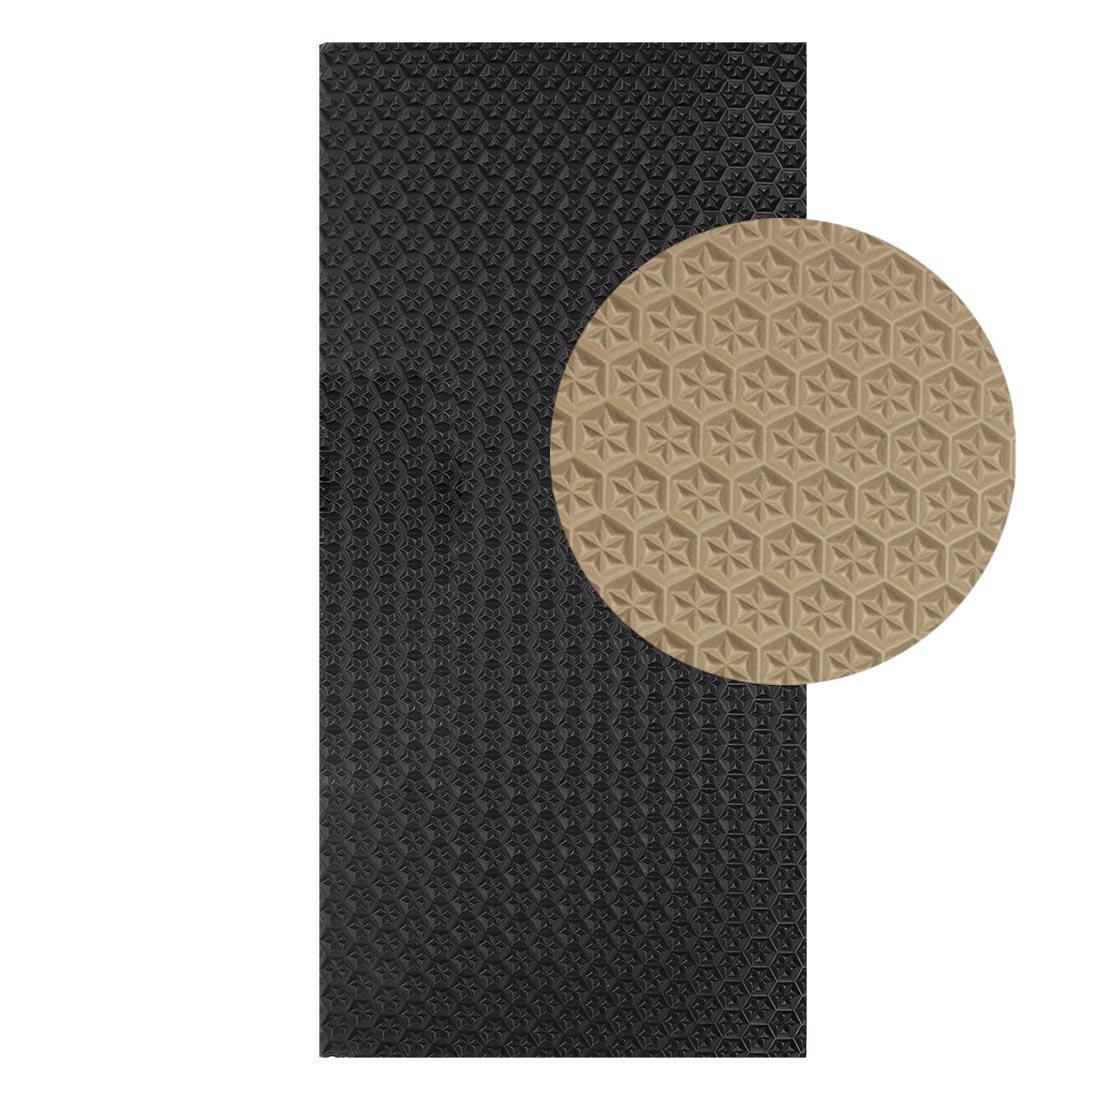 Langlauf Sohlengummiplatte 250mm x 500mm 6mm stark Profil Star in verschiedenen Farben zur Anfertigung von Schuhsohlen oder als Anti Rutsch Belag - 4 mm Stä rke Schuhbedarf